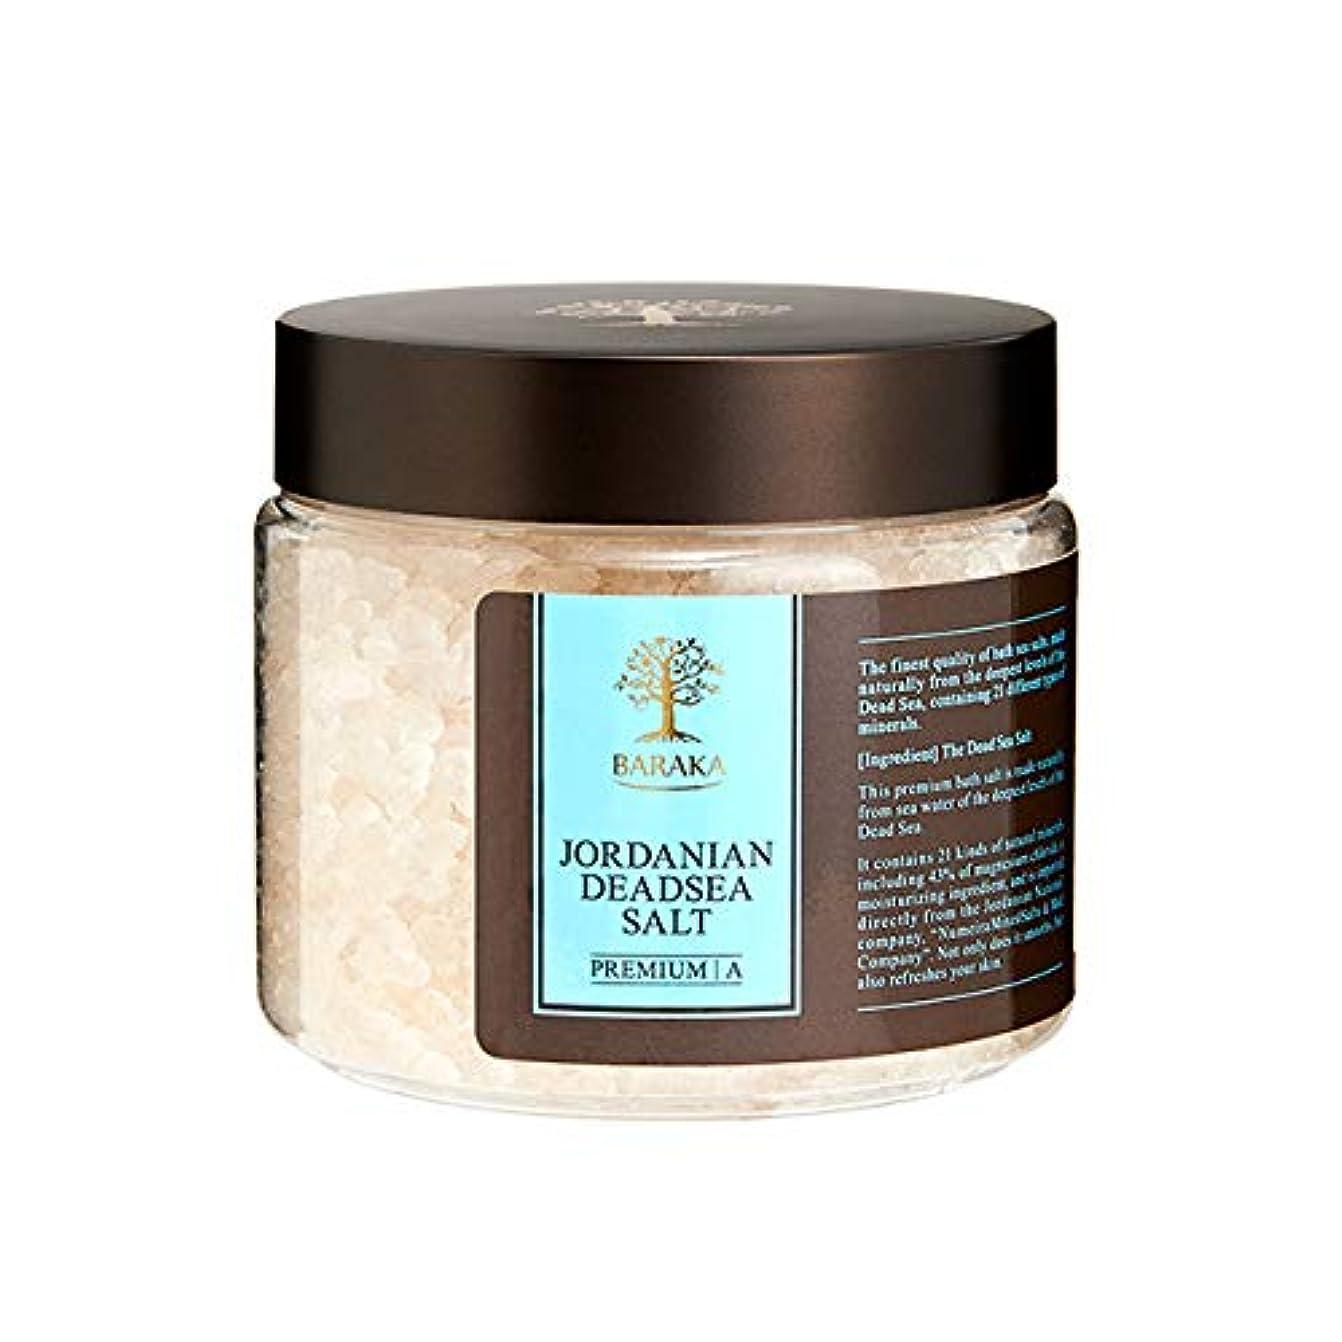 霊文化古いBARAKA(バラカ) ジョルダニアン デッドシー ソルト 500g バスソルト 入浴剤 ヨルダン産死海塩100%